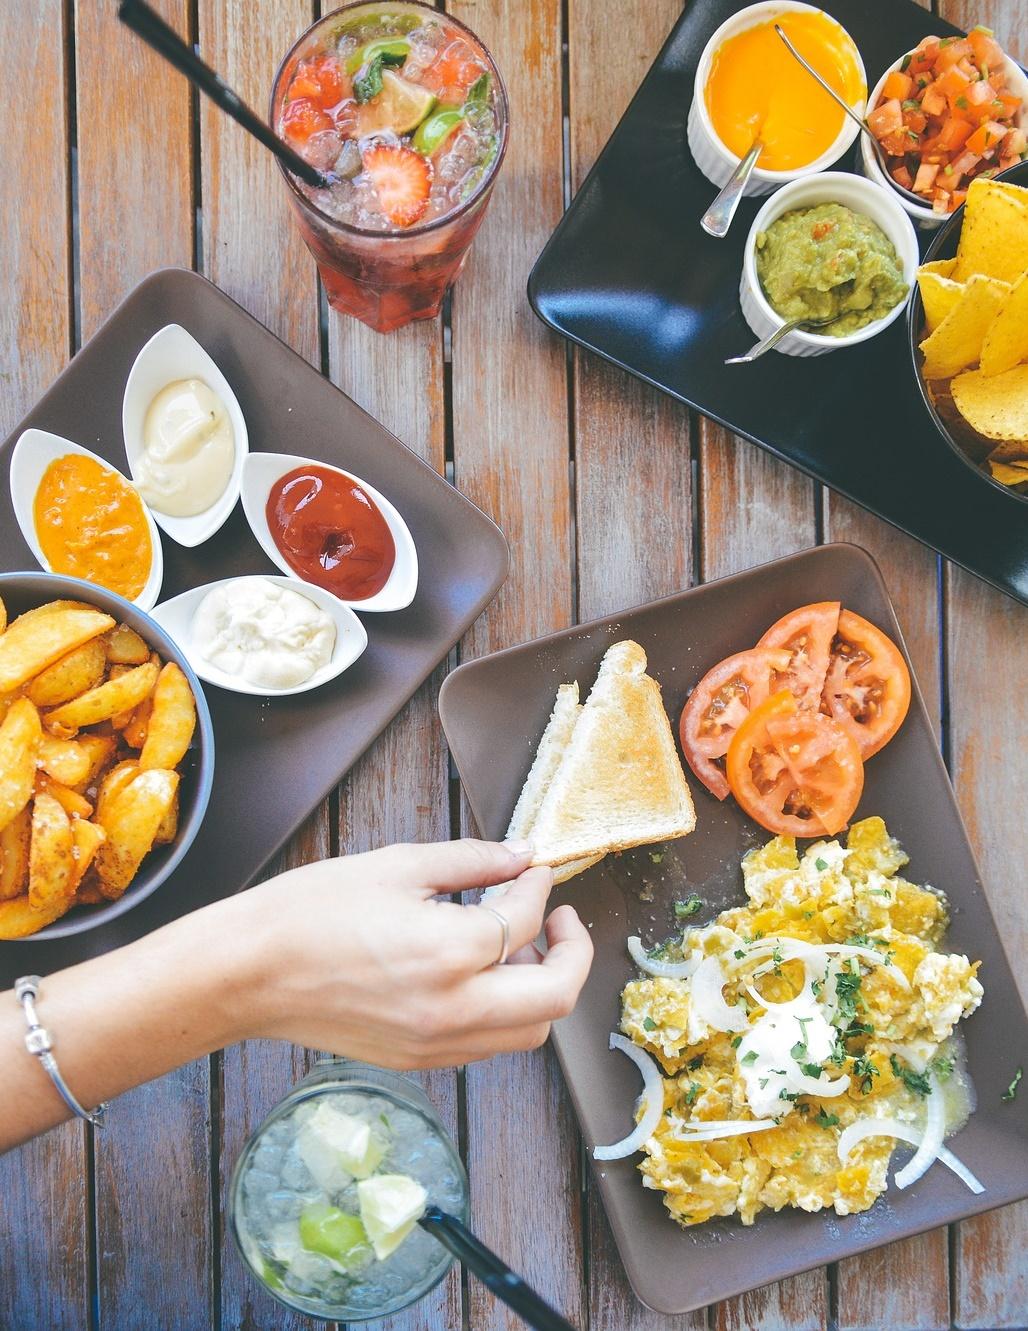 4.愛吃重鹹 鹽會讓腰圍增加!飲食中攝取過多的鈉,又不常流汗,就會造成體內積太多水,容易水腫。外食族是要最小心的族群,在外吃的便當或湯食,幾乎都是重鹹的。